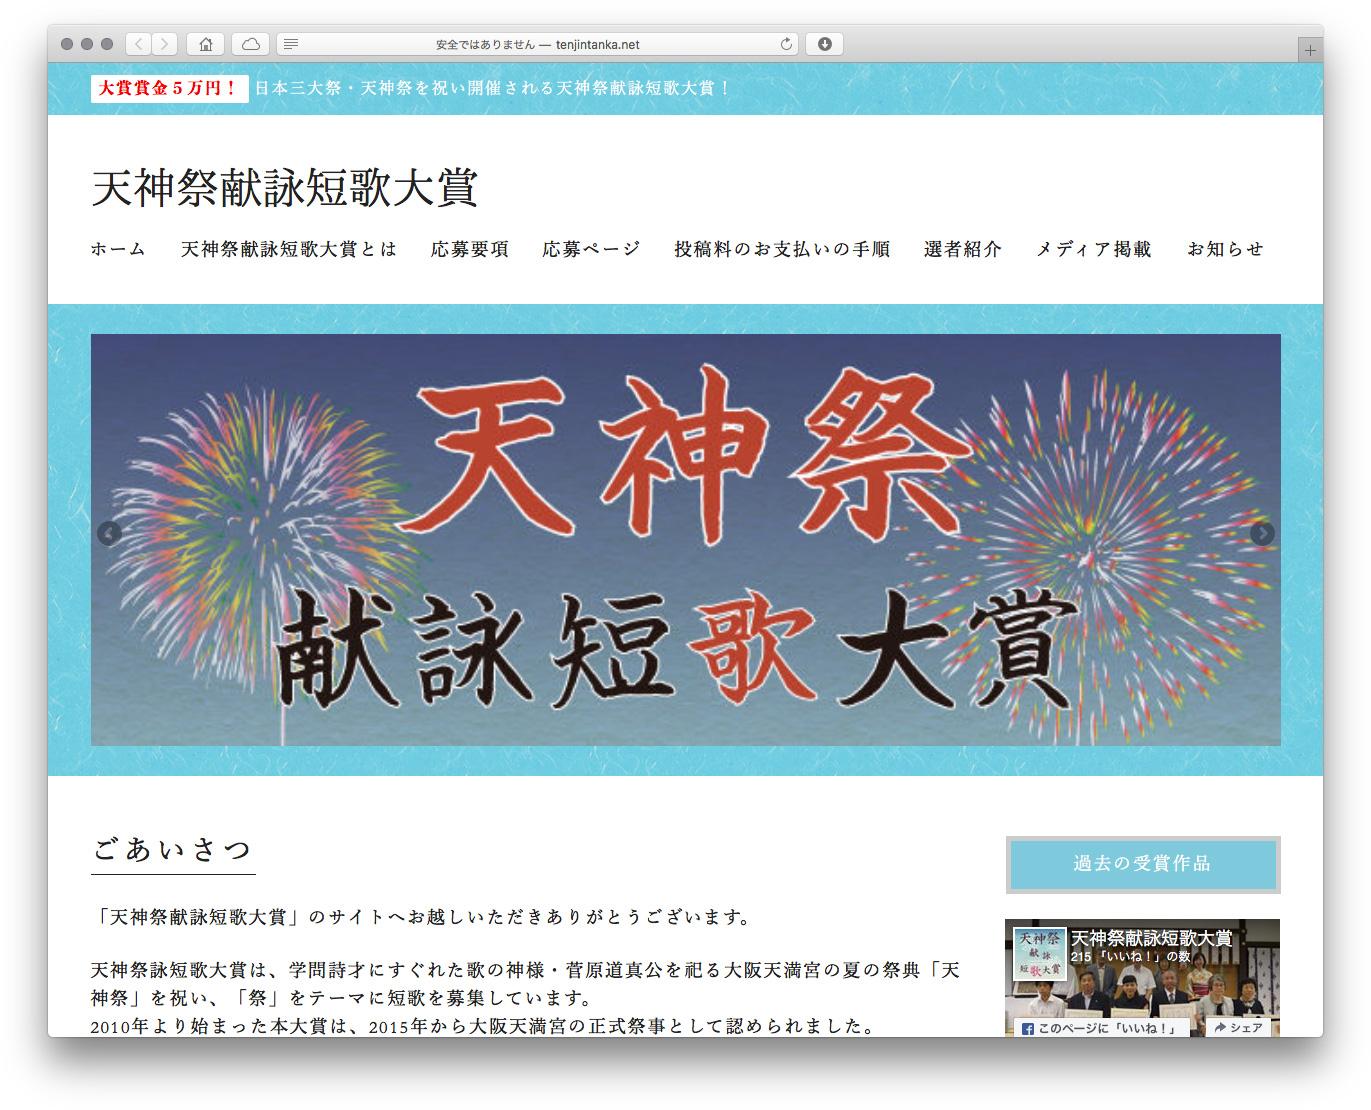 「天神祭献詠短歌大賞」ウェブサイト